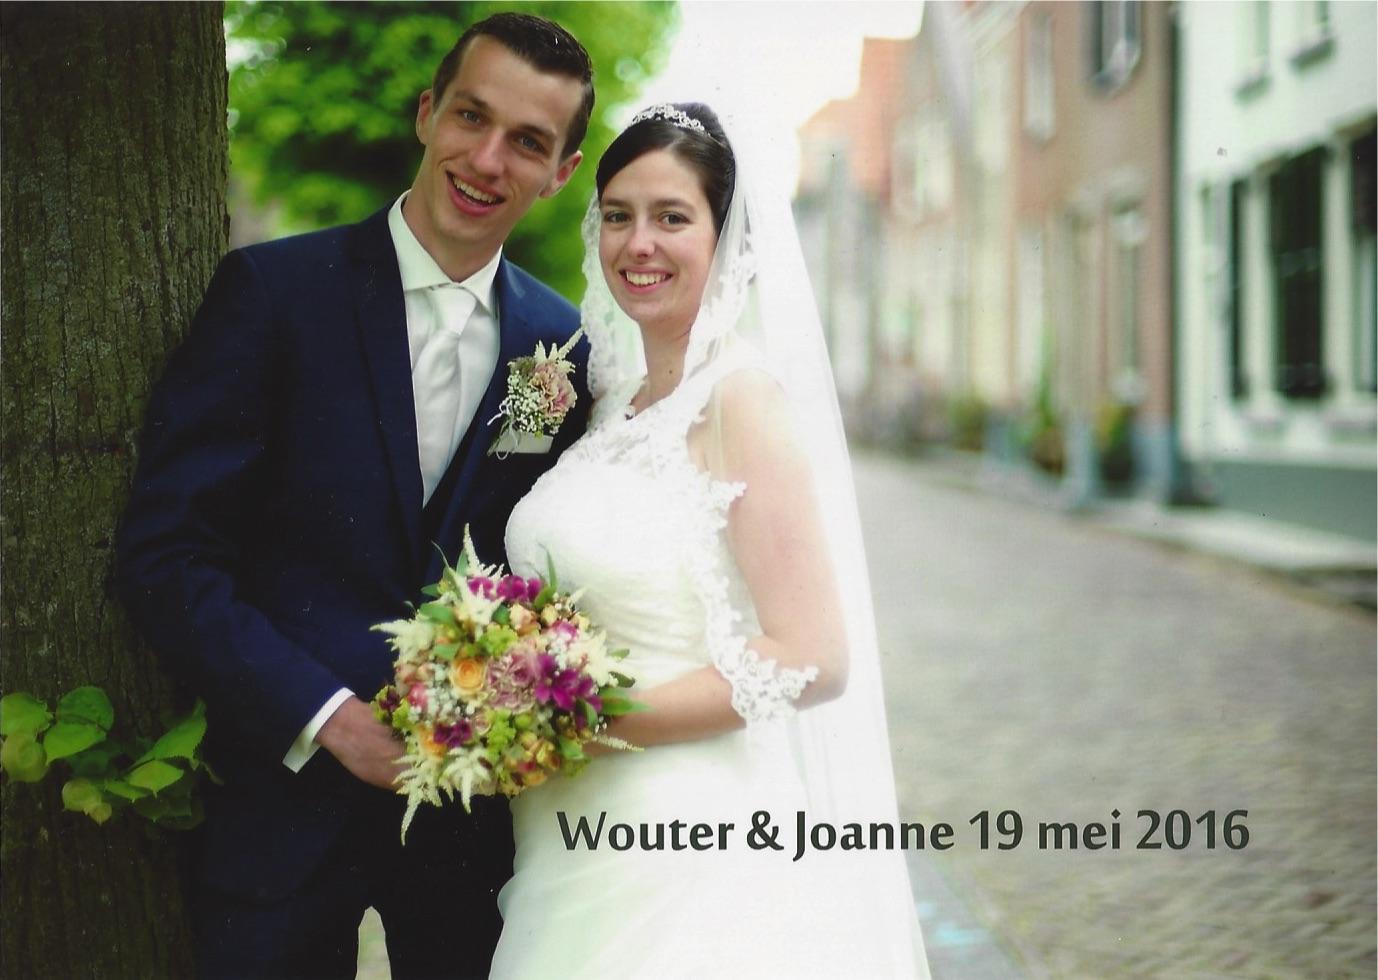 bruidspaar Molenaar - van der Ham (19-05-2016)